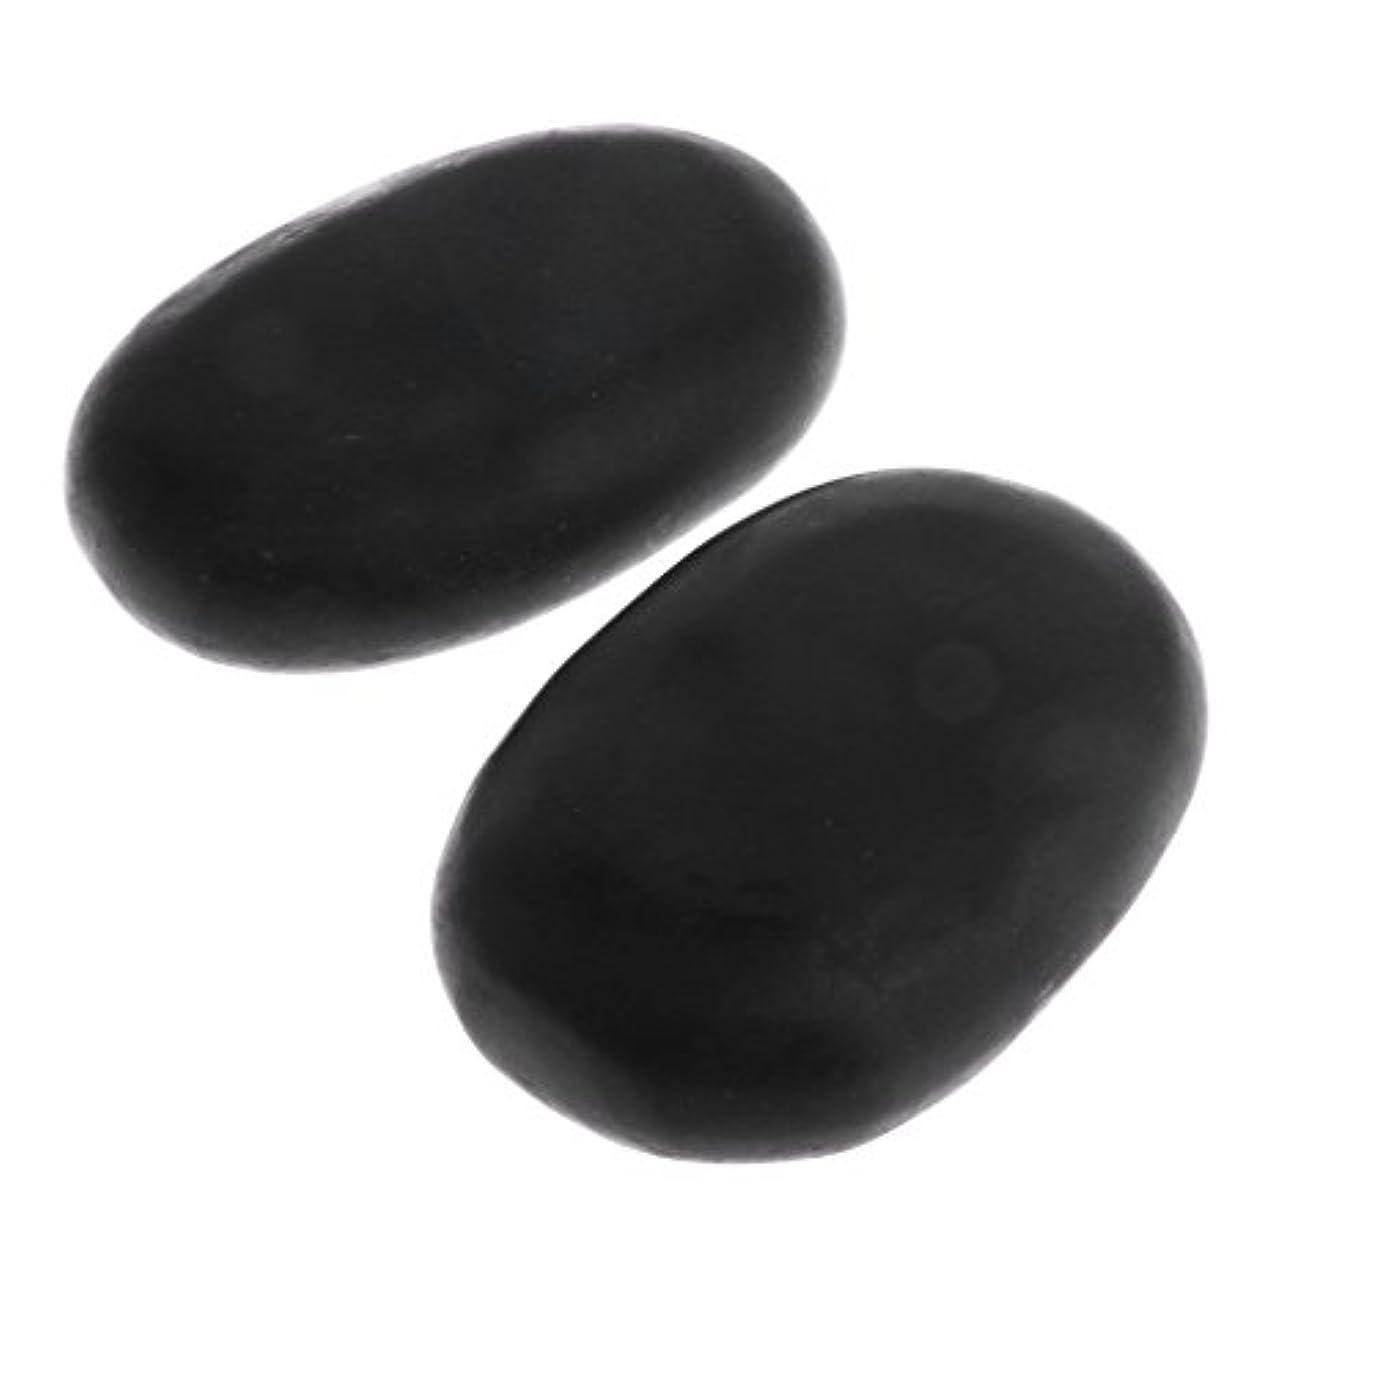 病んでいる放課後親愛なマッサージ石 2個 温泉石 玄武岩 火山石 マッサージ 溶岩 自然石 美容 SPA